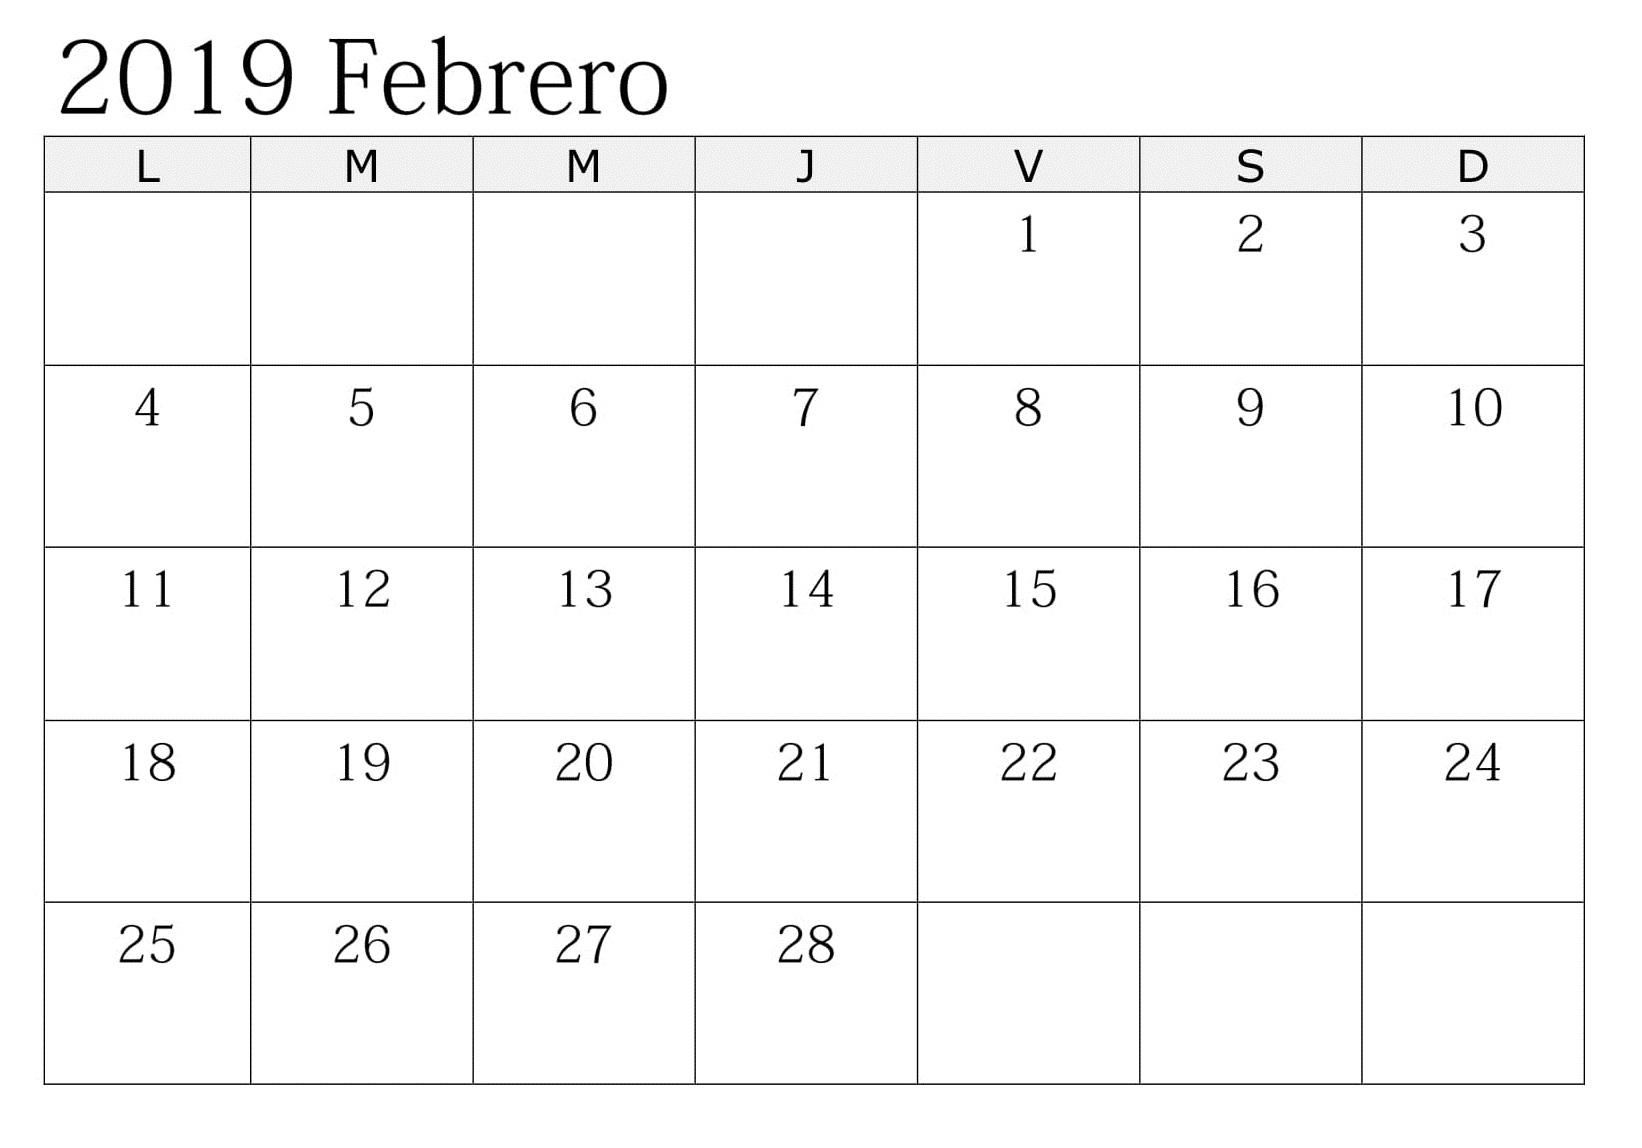 Calendario 2019 Planificador Con Festivos Febrero